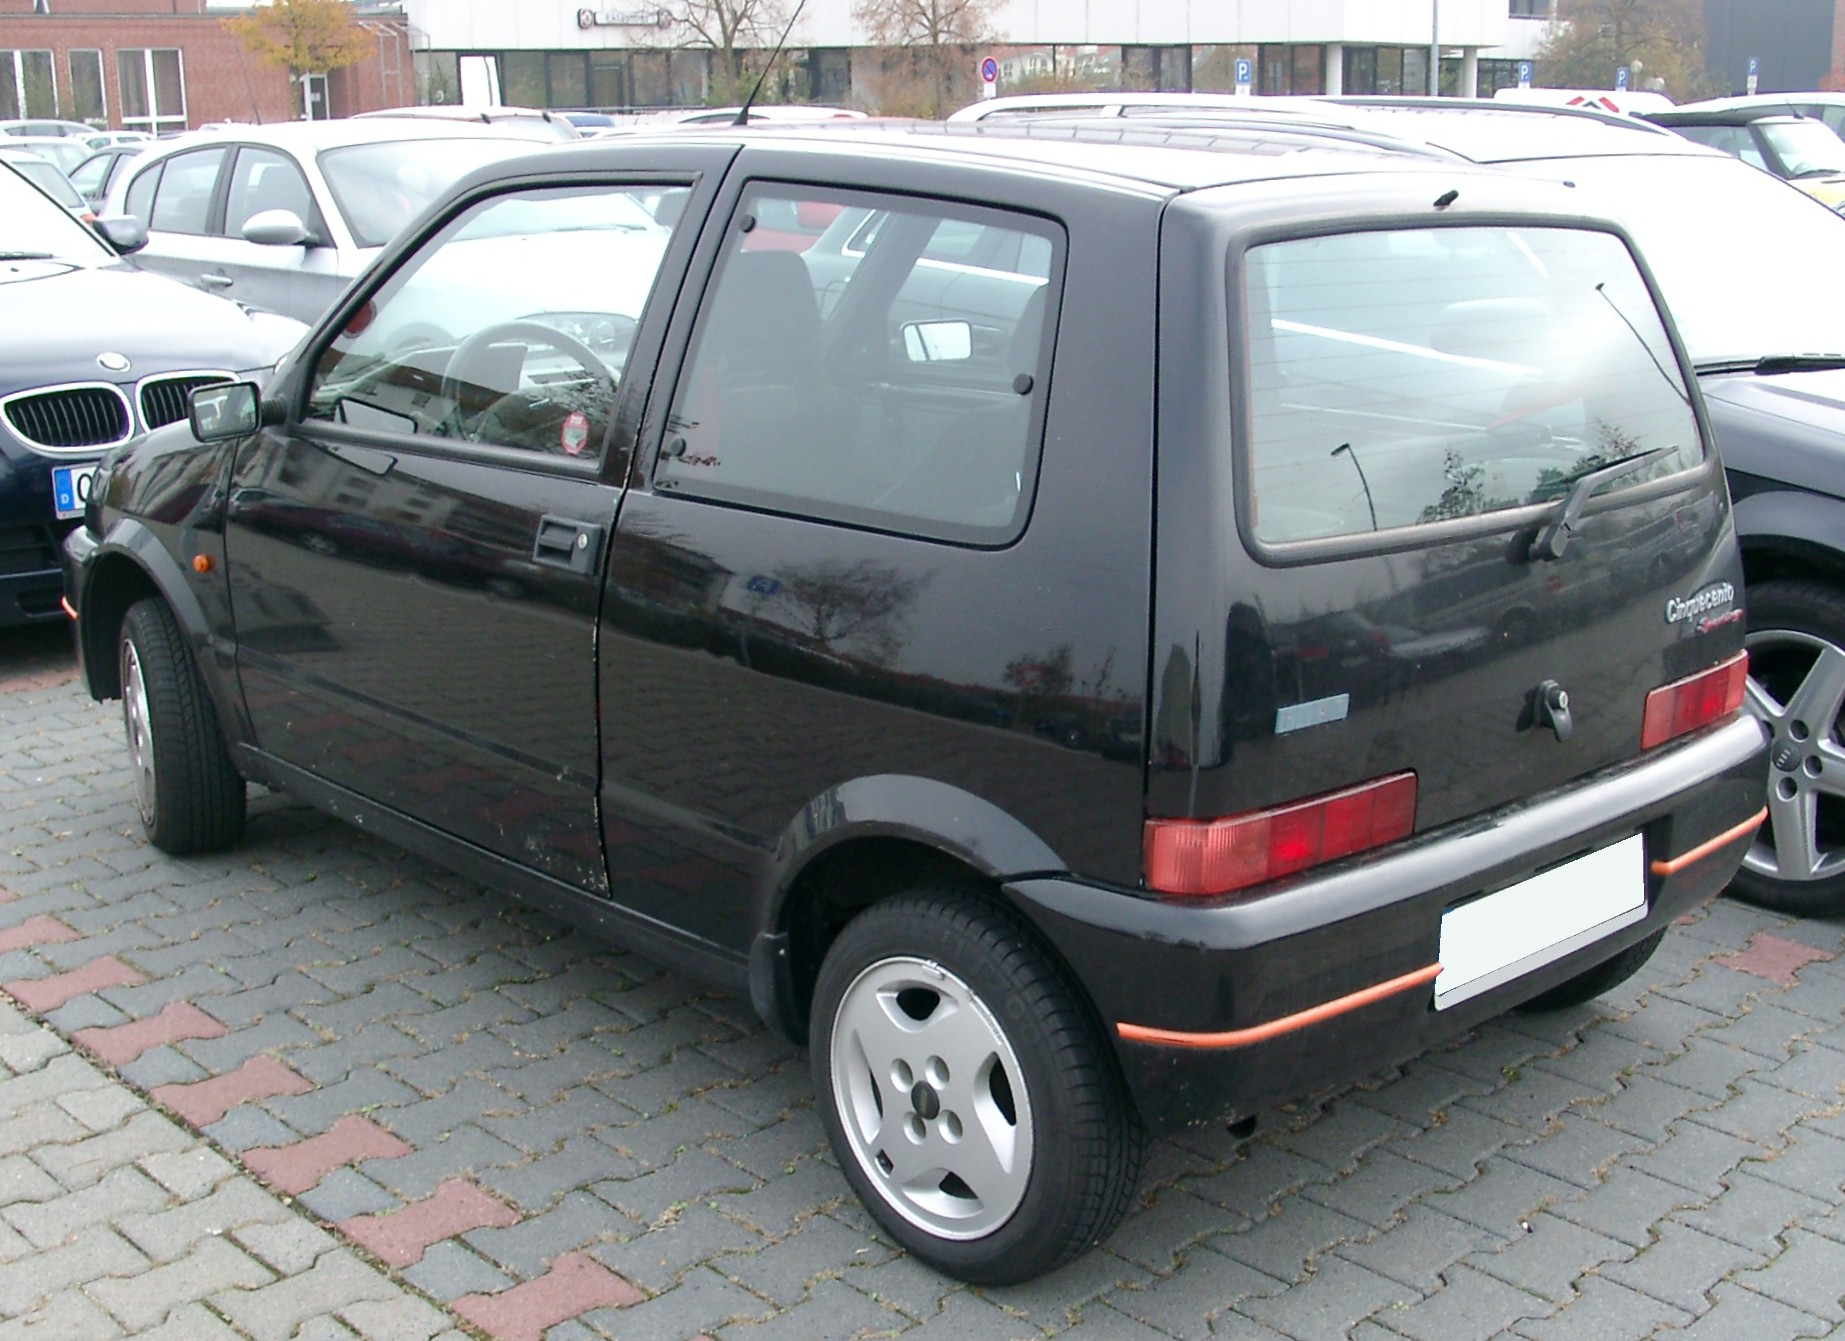 File:Fiat Cinquecento rear 20071031.jpg